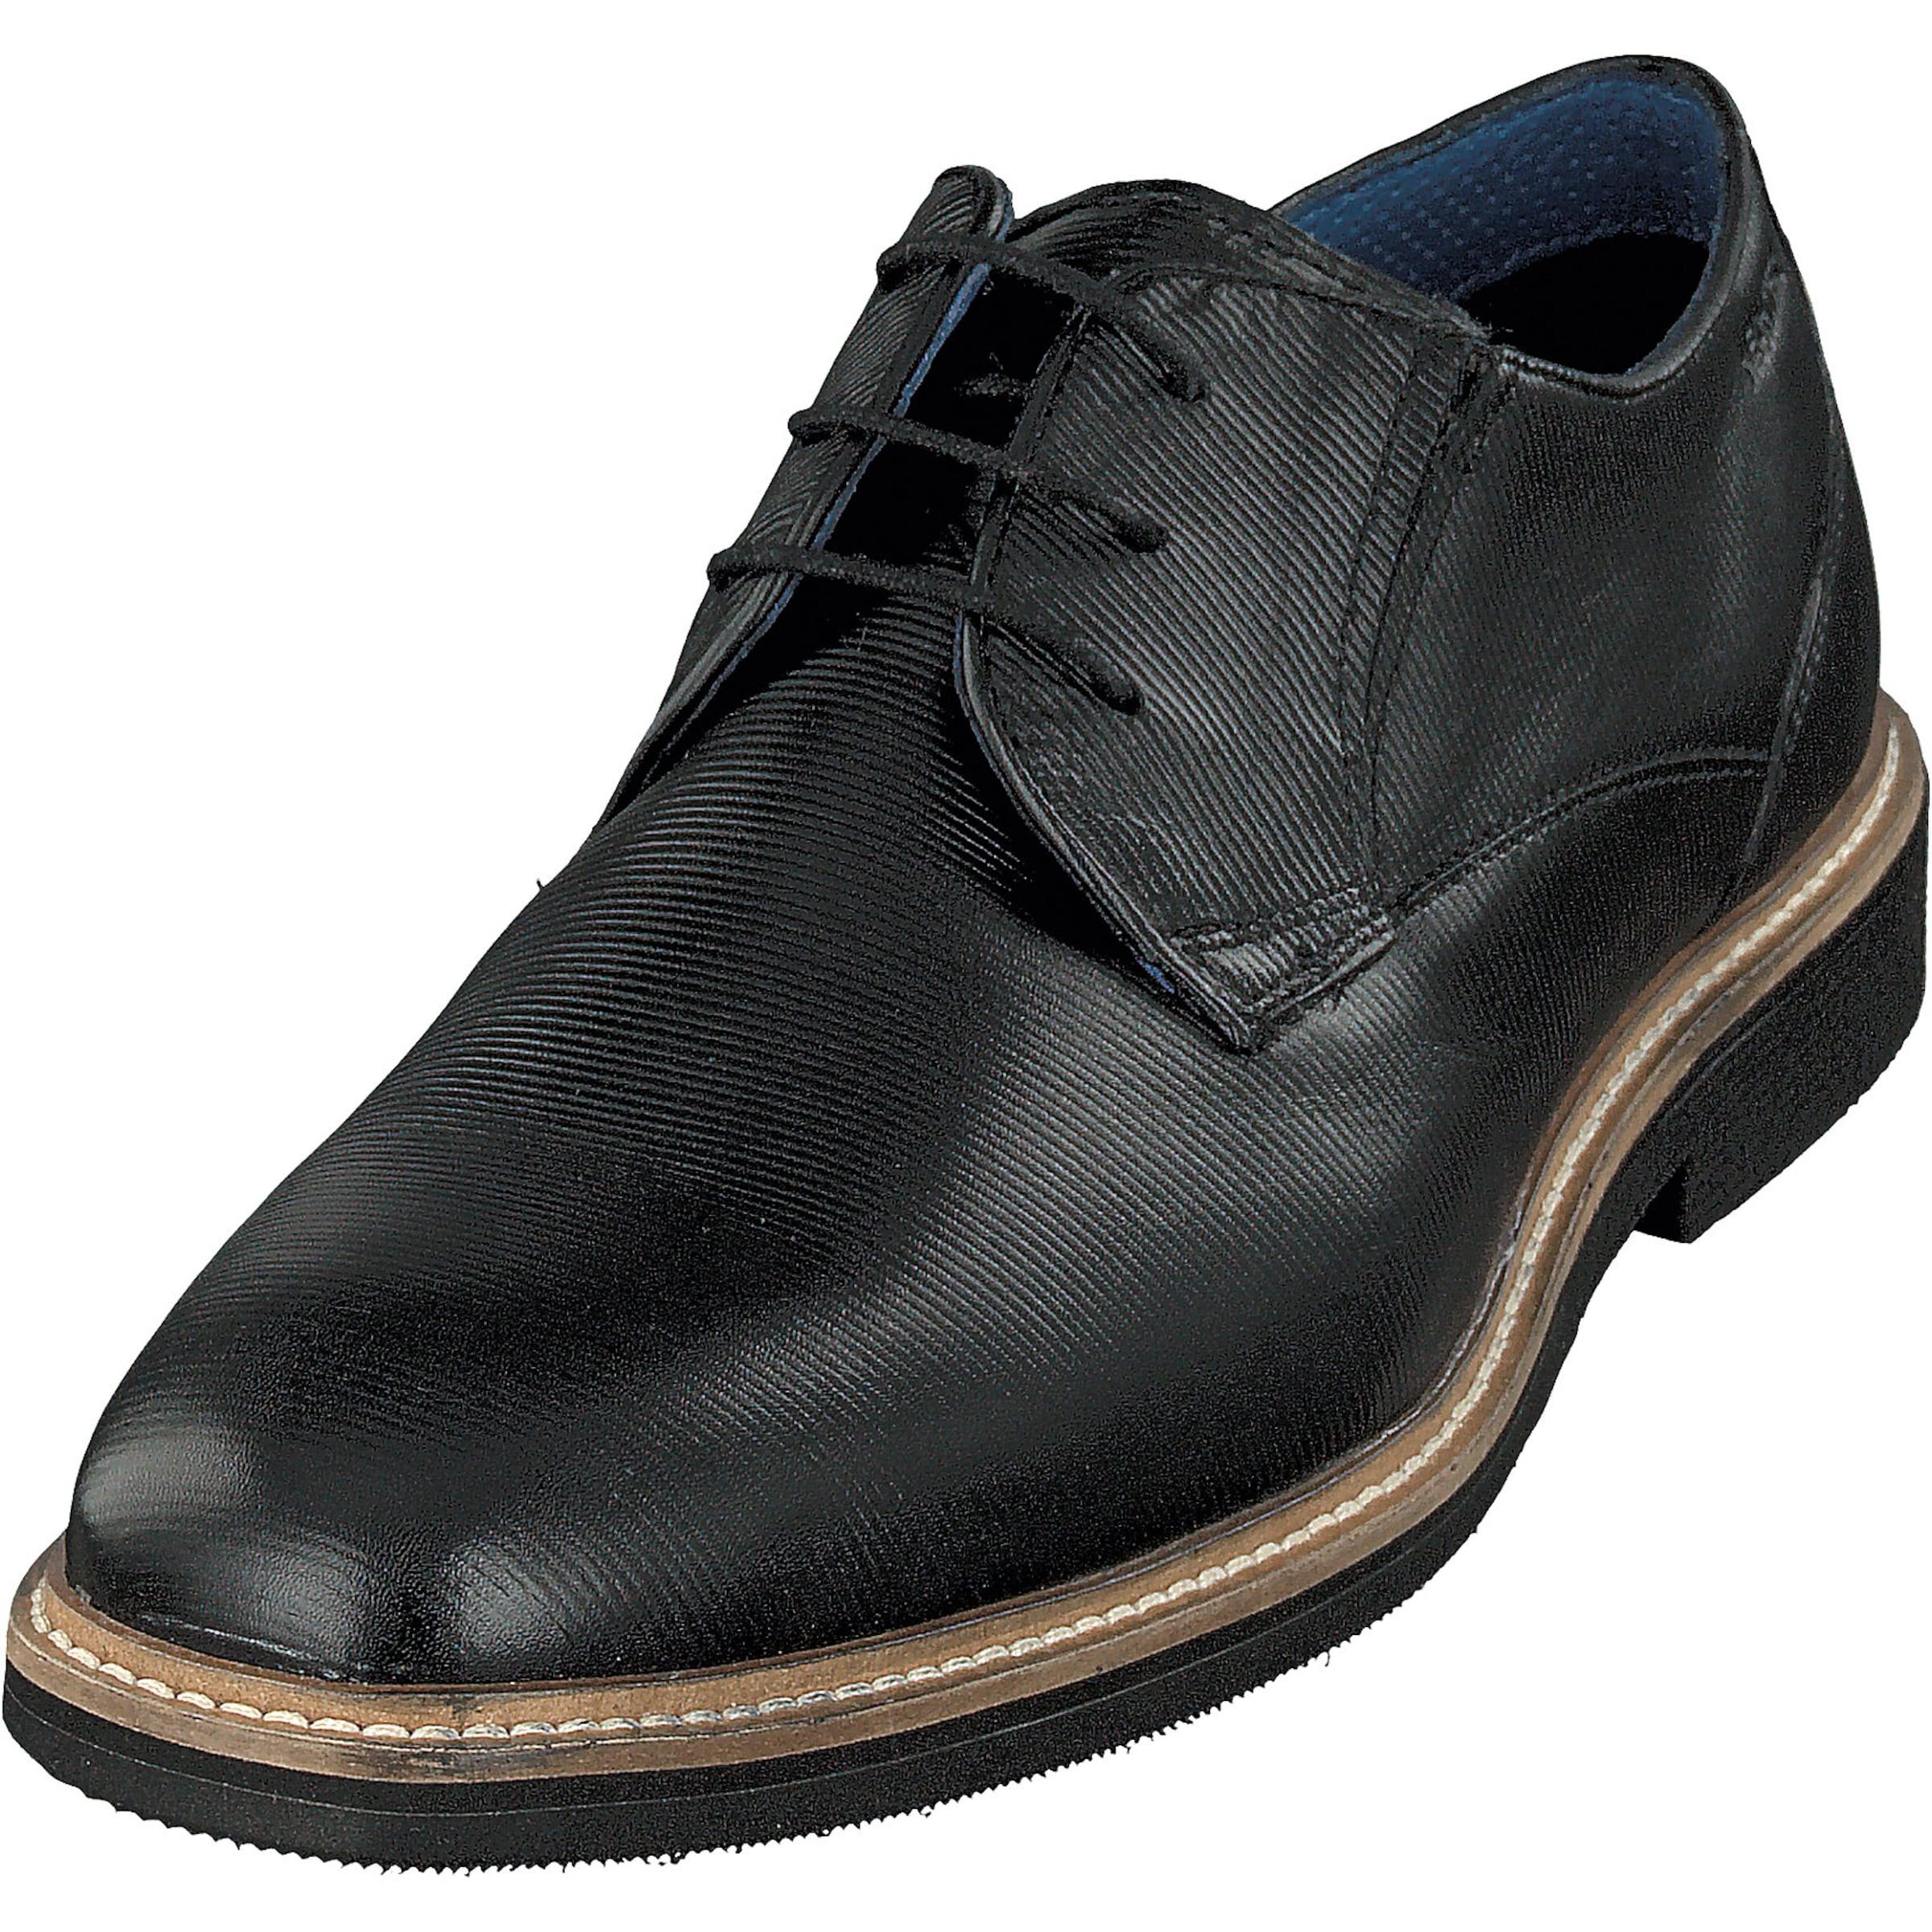 DANIEL HECHTER Schnürschuhe Verschleißfeste billige Schuhe